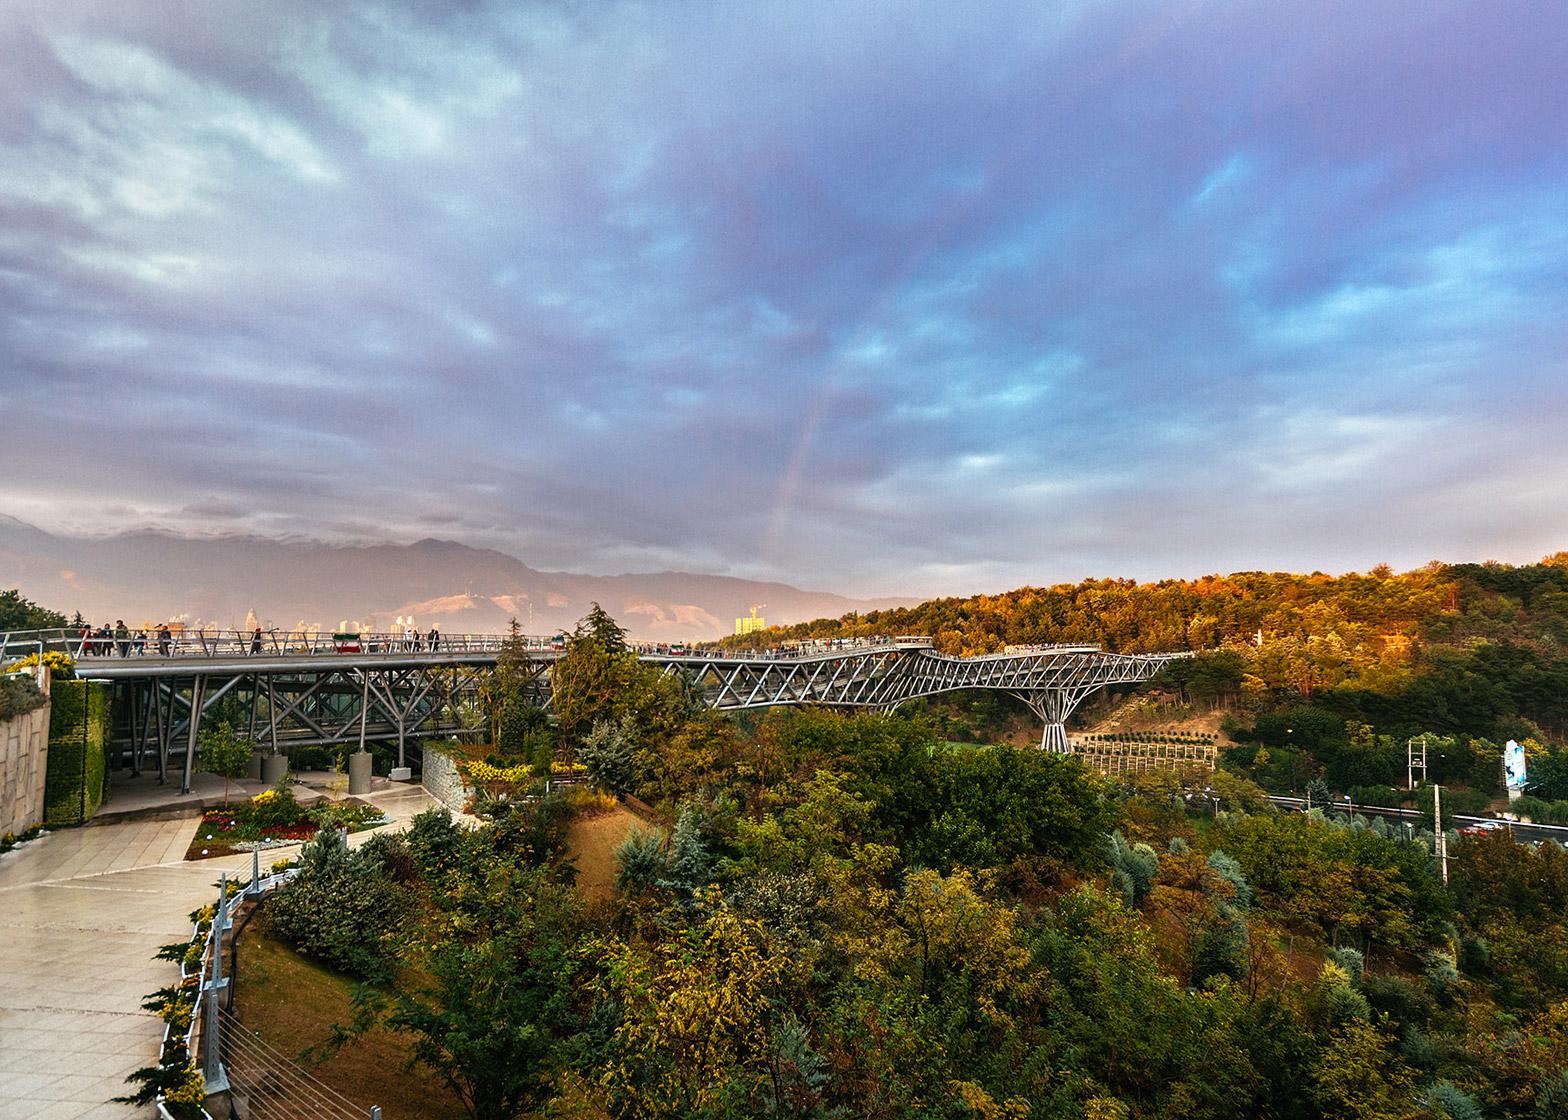 پل طبیعت در تهران :طراح : لیلا عراقیان